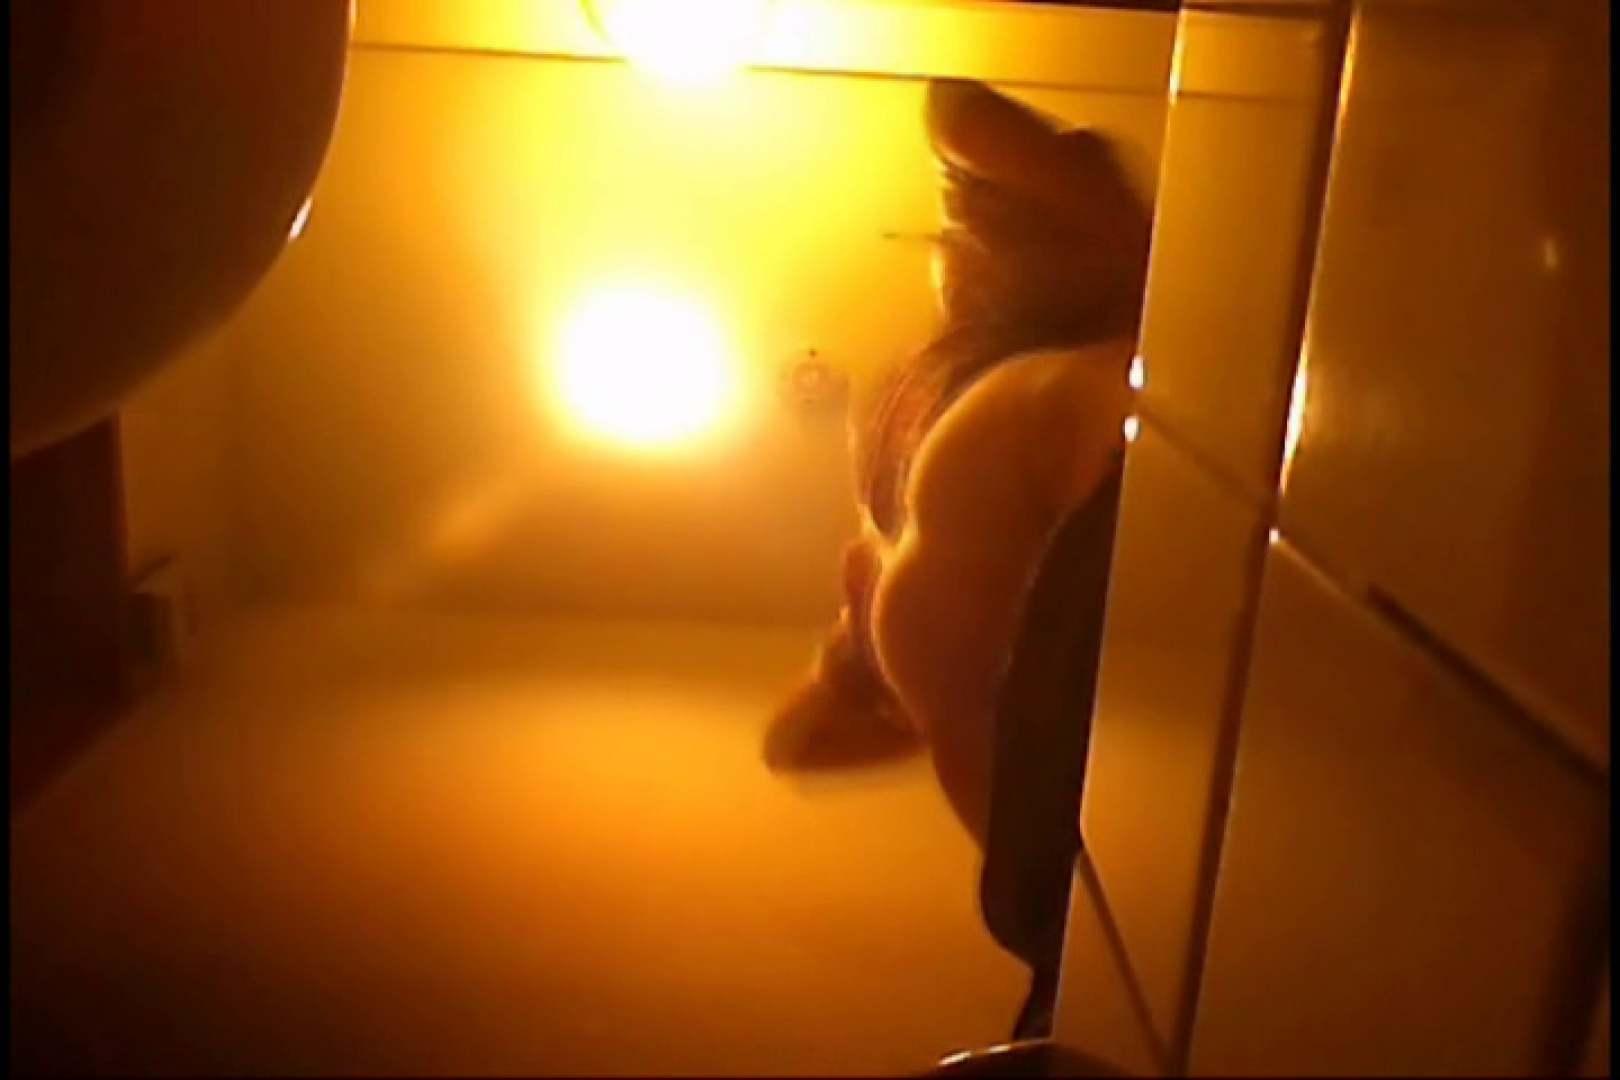 亀さんかわや VIP和式2カメバージョン! vol.04 黄金水 おめこ無修正動画無料 93PIX 90